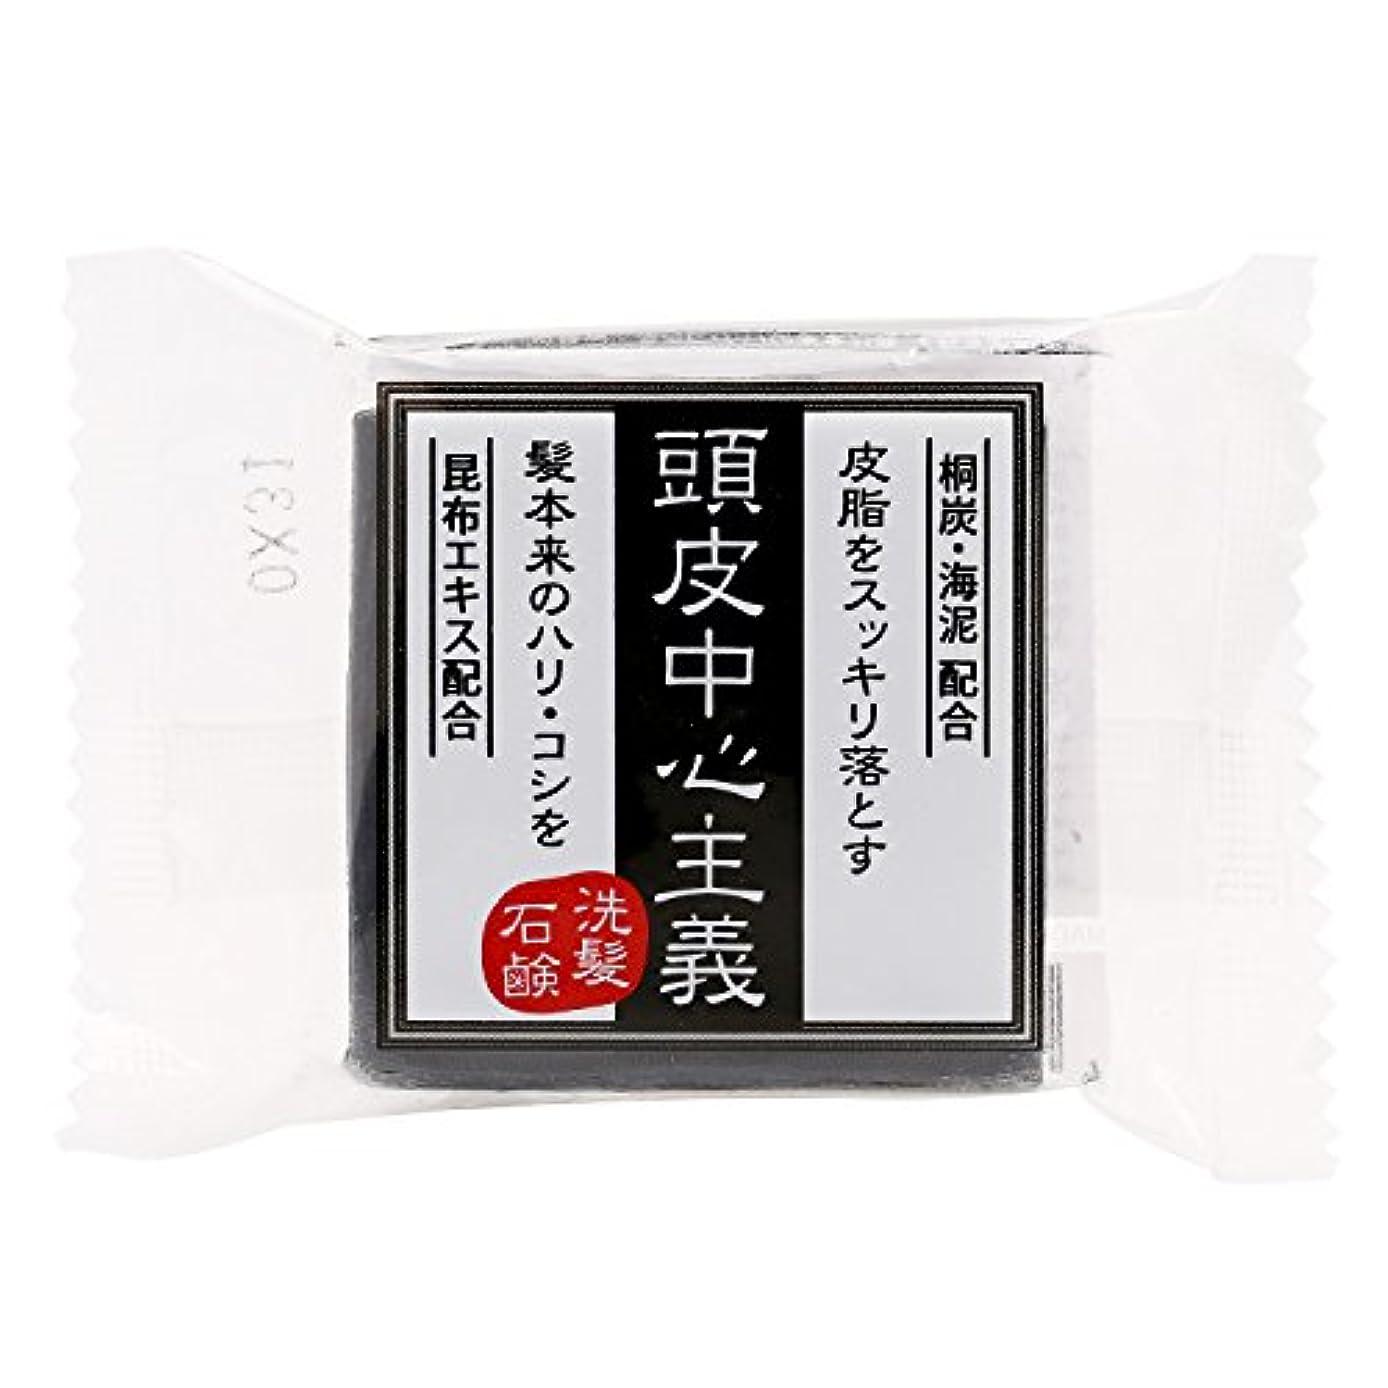 サイトスマイルモール菊星 頭皮中心主義 洗髪石鹸 30g